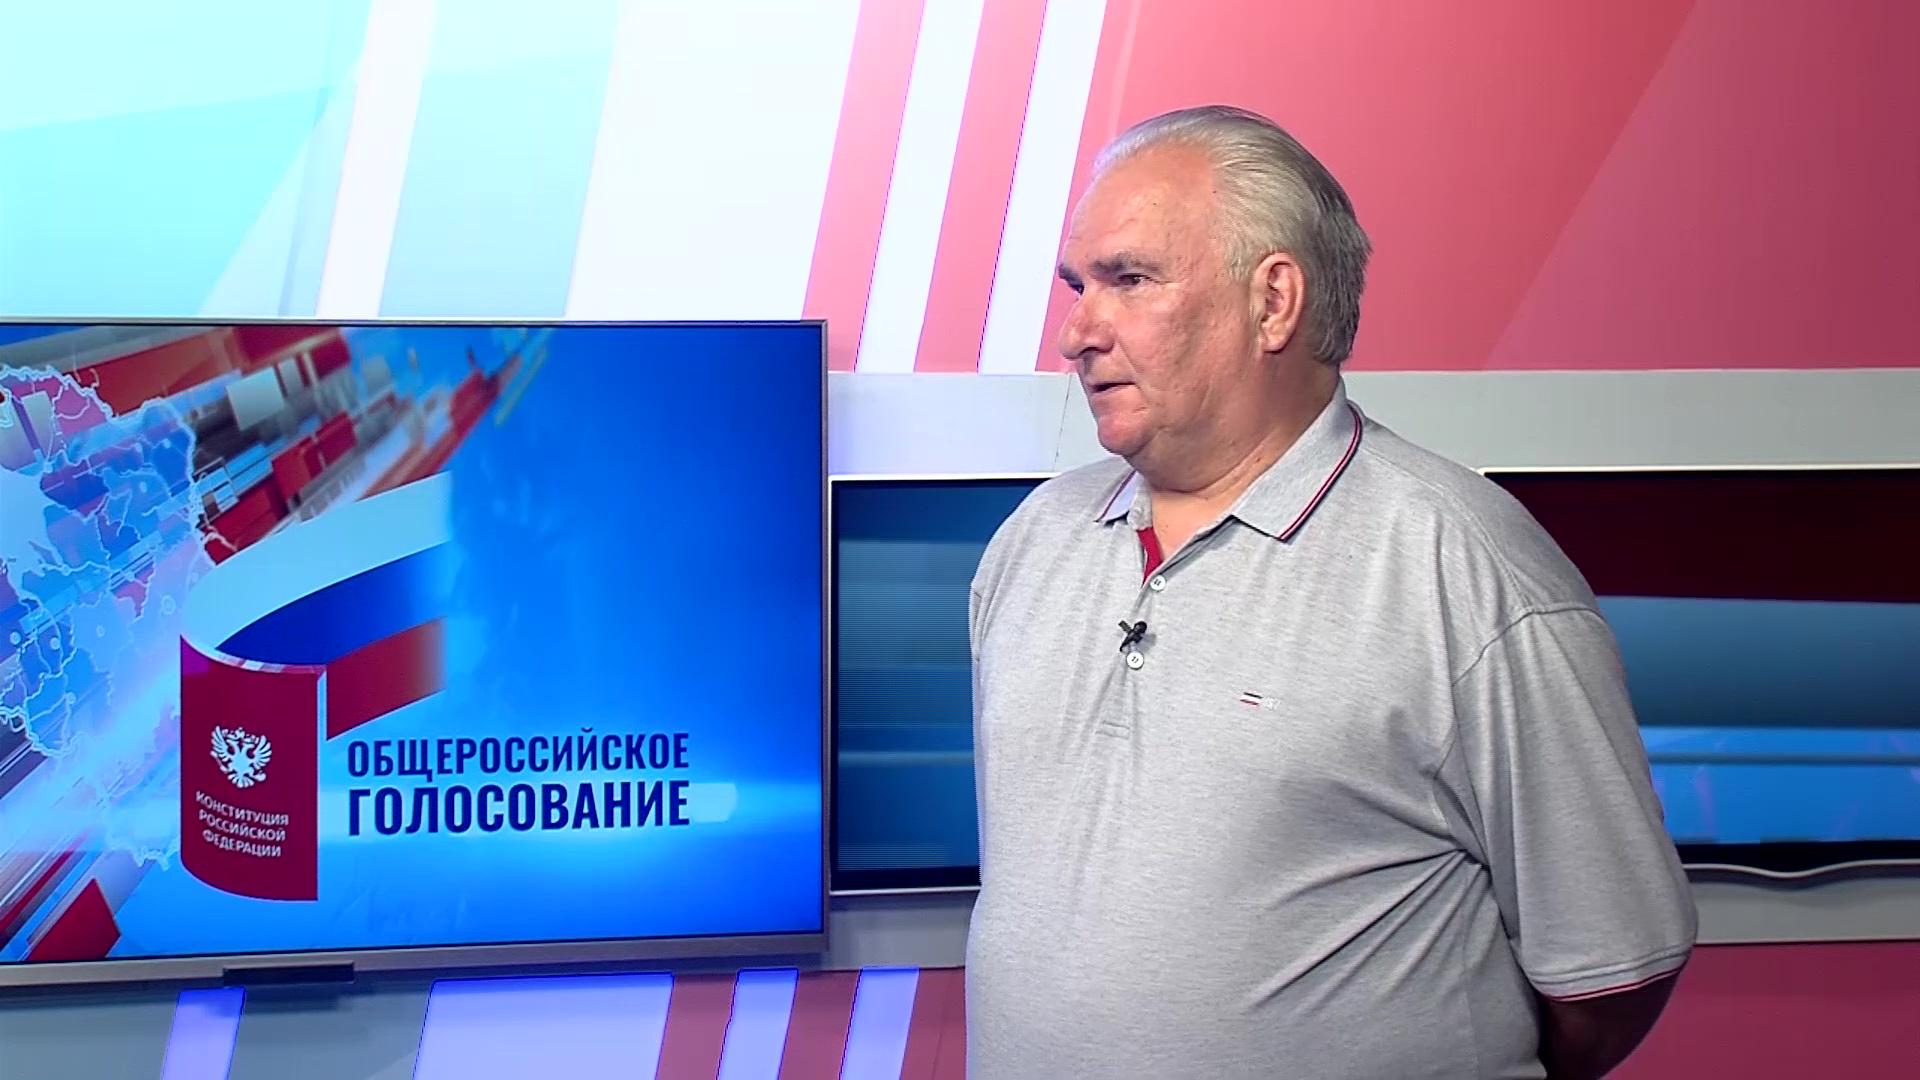 Игорь Ямщиков: «Поправка в Конституцию о качественной медицинской помощи давно назрела»